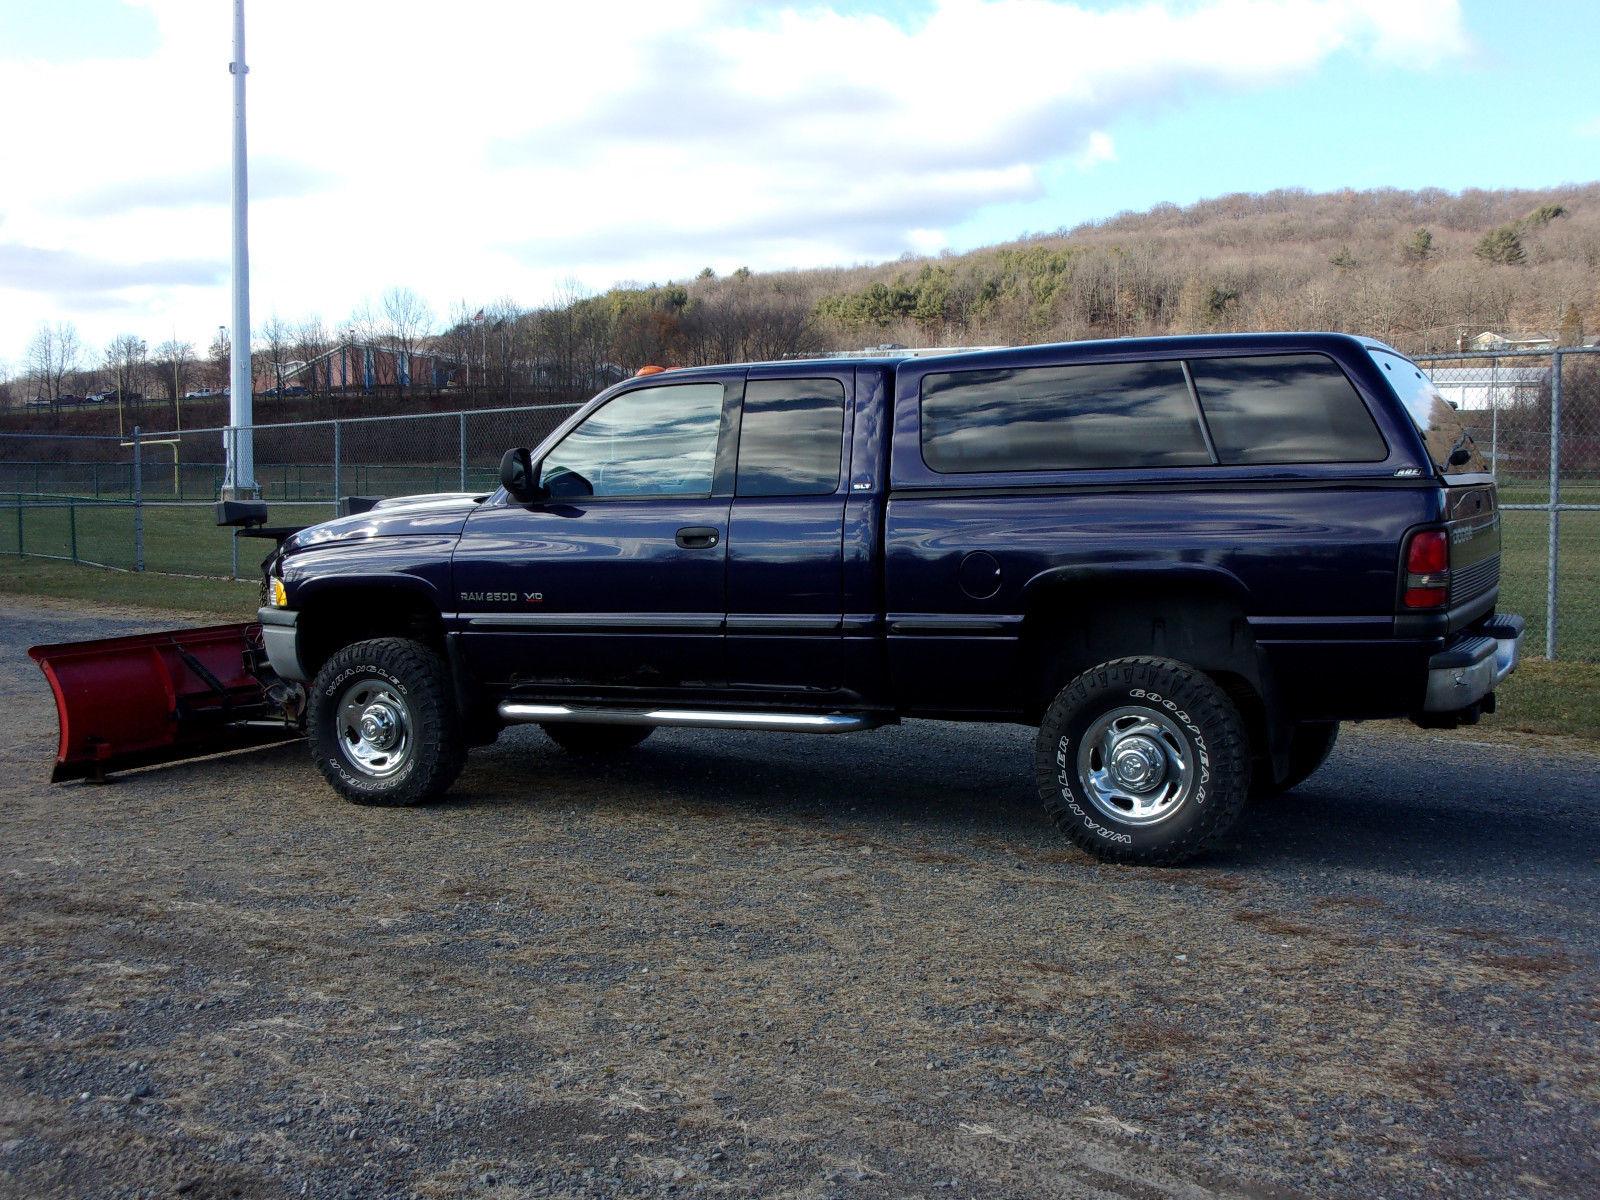 Amazing 1999 Dodge Ram 2500 SLT Laramie Quad Cab Pickup 4 Door 1999